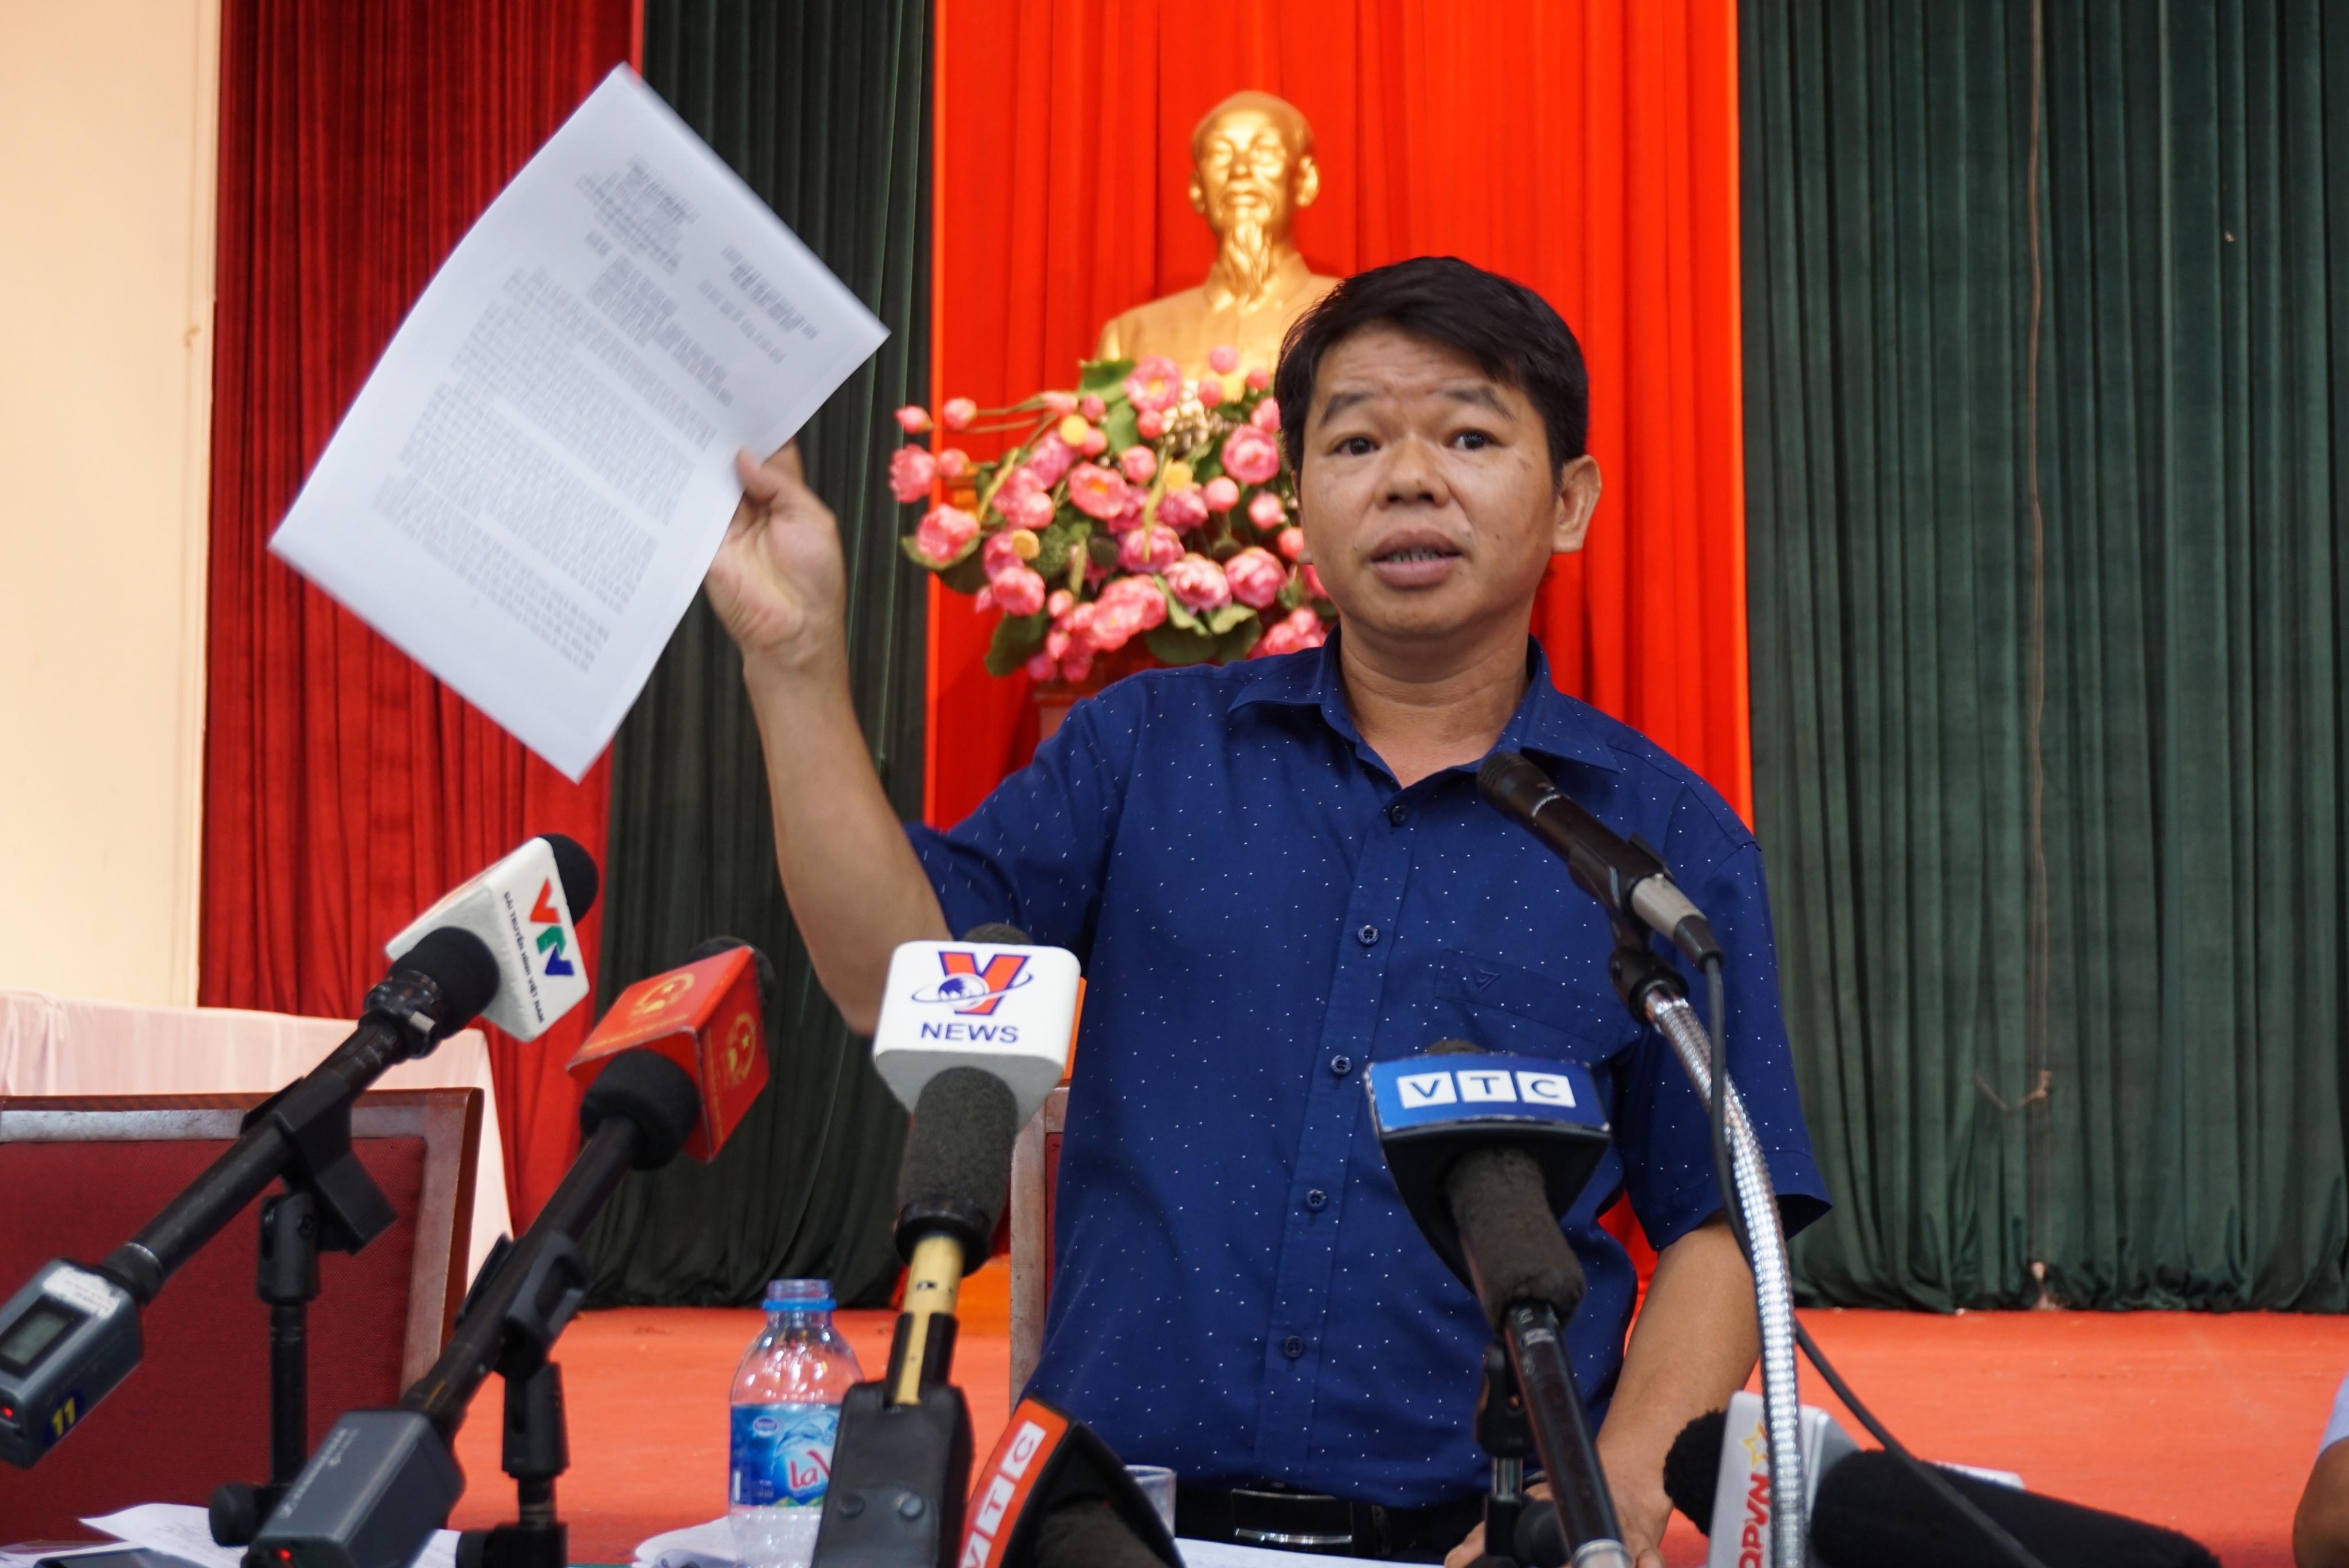 Tổng Giám đốc nước sạch sông Đà 'tiết lộ' lý do chậm báo cáo nước nhiễm dầu